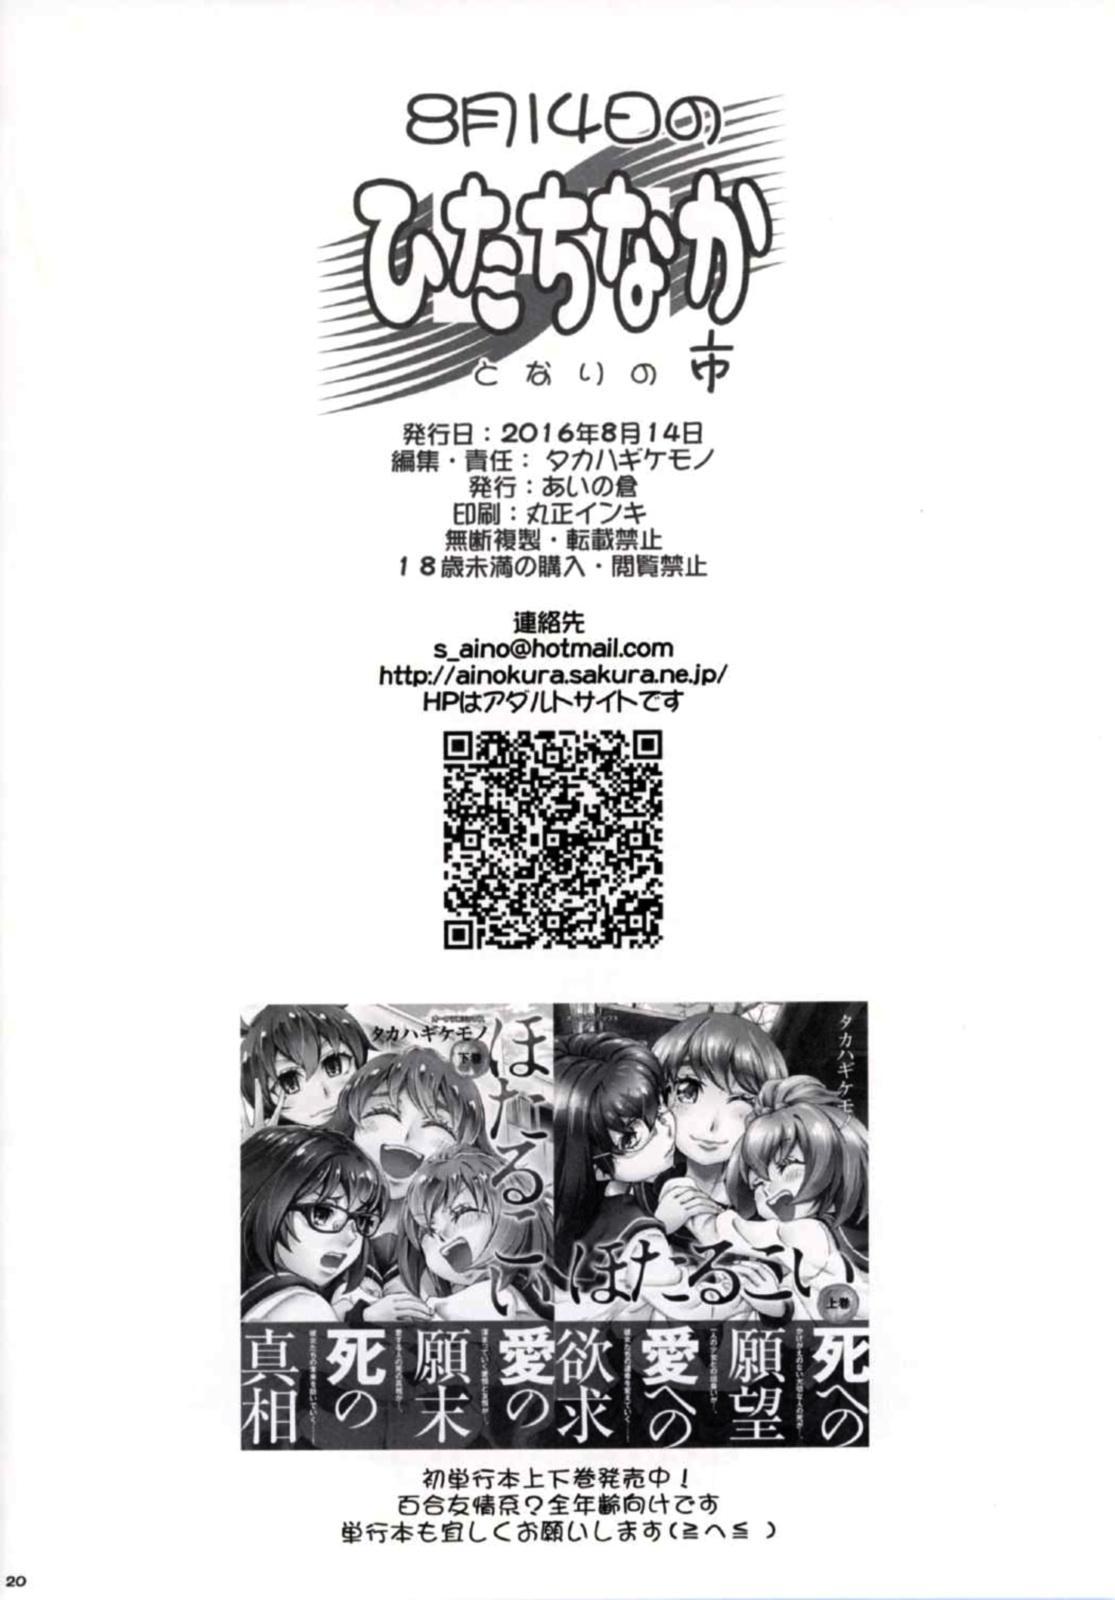 (C90) [Ai no Kura (Takahagi Kemono)] 8-gatsu 14-ka no Tonari no Shi (Girls und Panzer) 20